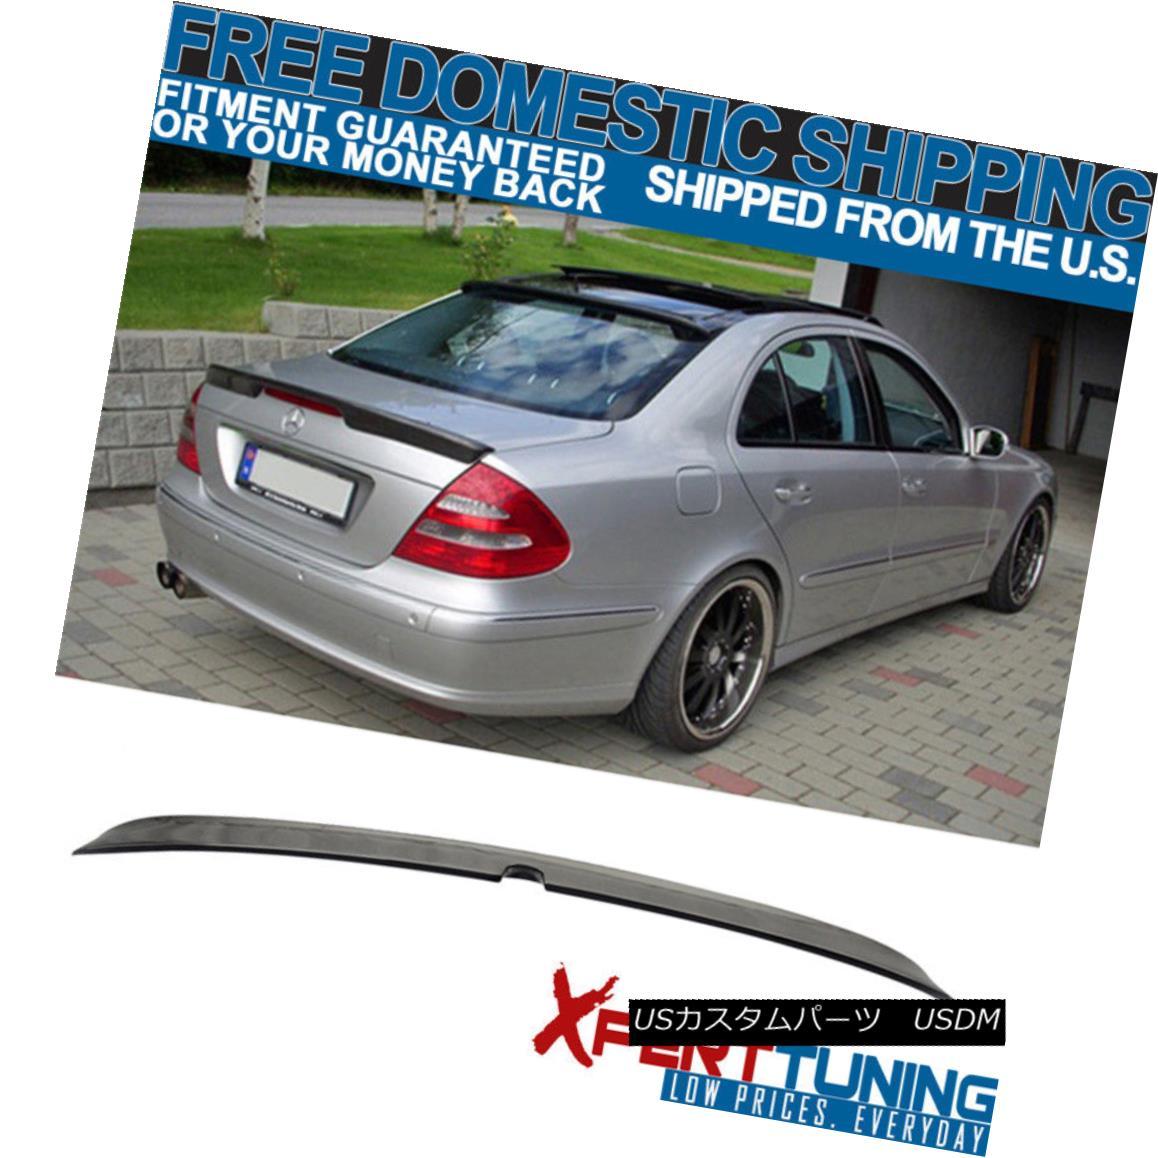 エアロパーツ 03-05 Benz E-Class W211 4Dr L #040 Black Painted Roof Spoiler 03-05ベンツEクラスW211 4Dr L#040黒塗装ルーフスポイラー